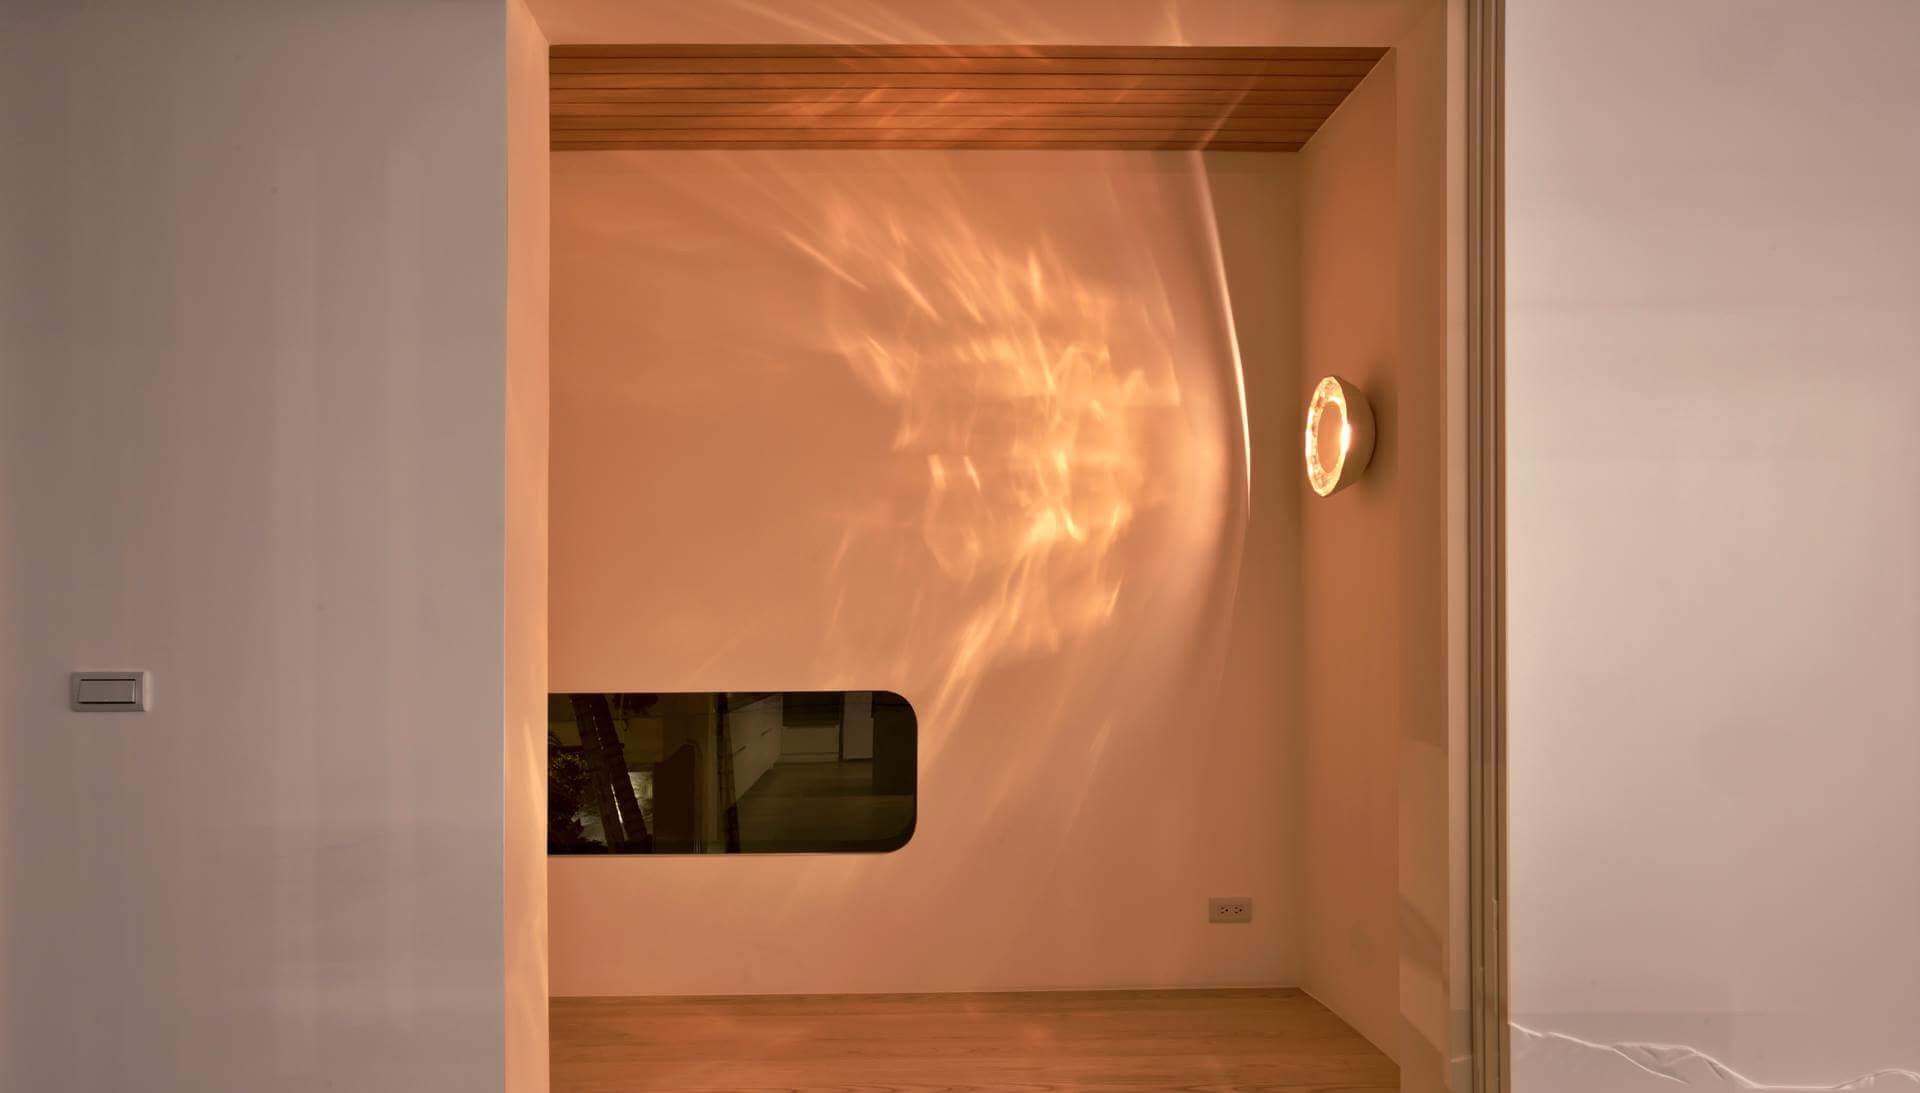 休憩平台天花採用無上漆香杉實木,關上門便會聞到淡淡雅香,壁燈溫暖像個小太陽,為這個小天地增加了剛好的溫度